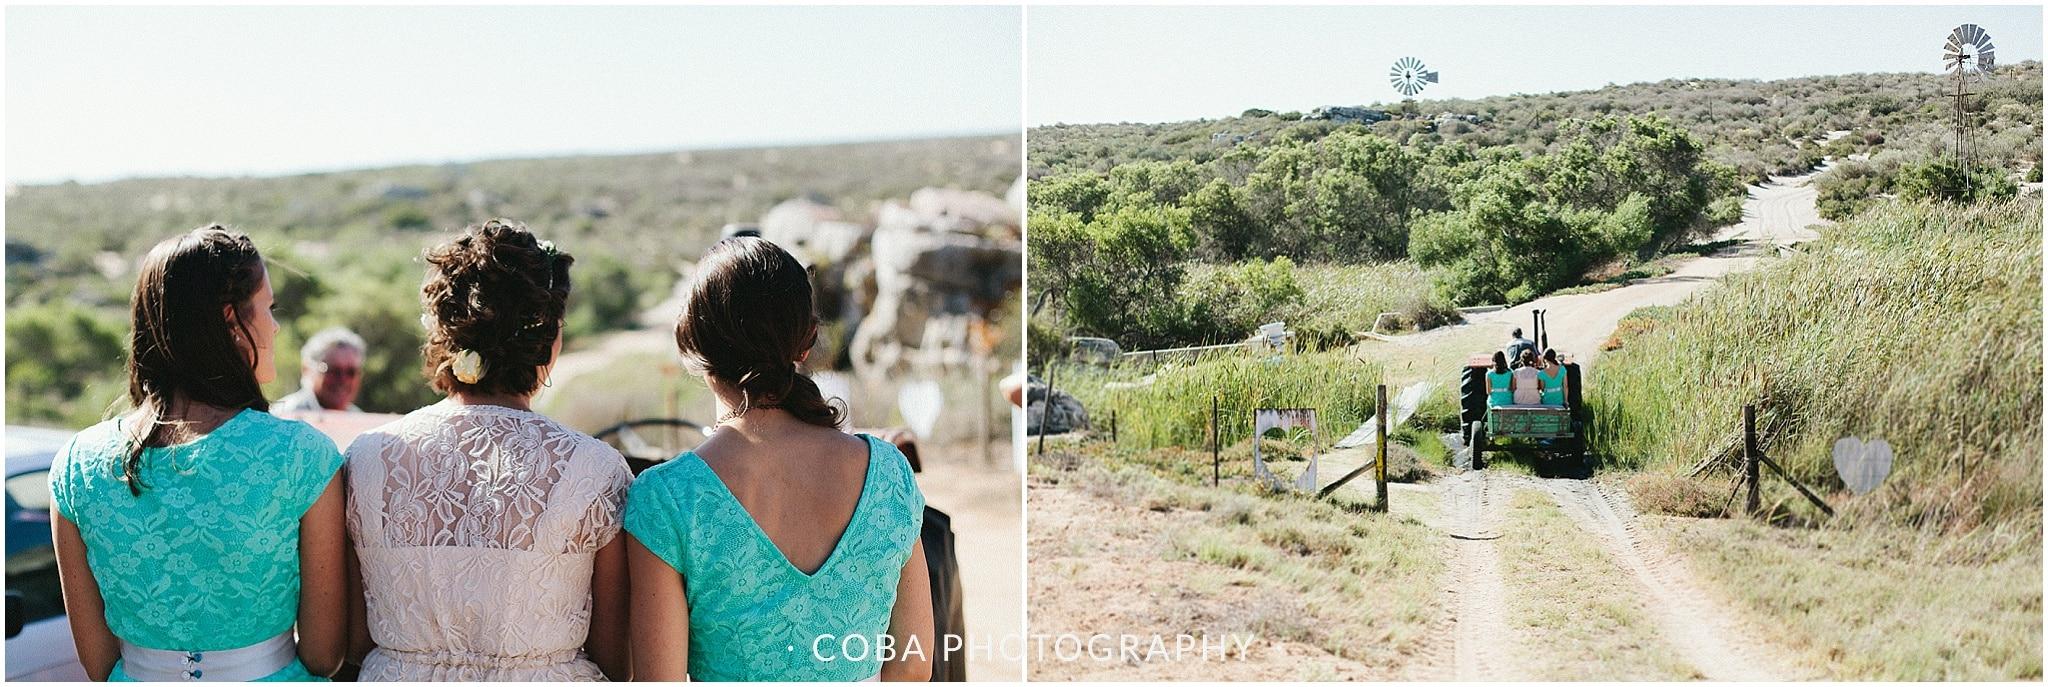 Sam & Carine _ Bosduifklip _ Coba Photography  (62)